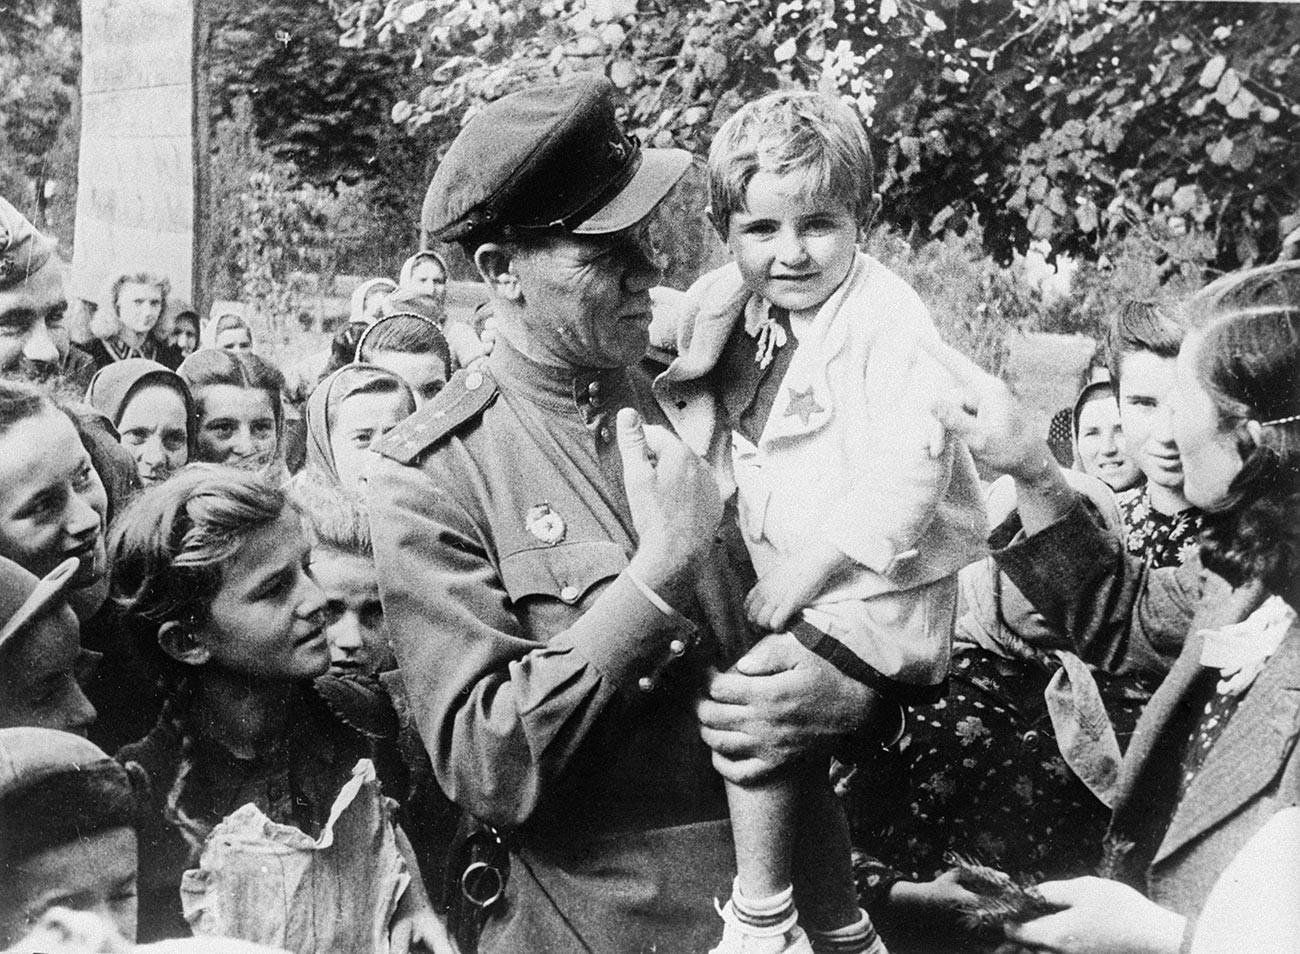 解放されたユーゴスラビアのオモリツァ村で子供を抱く赤軍親衛隊のセルゲイ・イワノフ大尉。1944年10月。